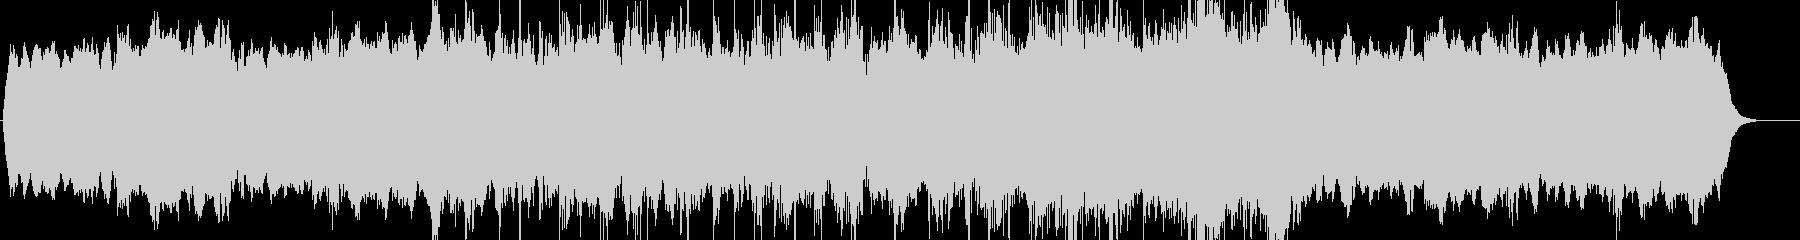 シンプルなホラーミュージックの未再生の波形